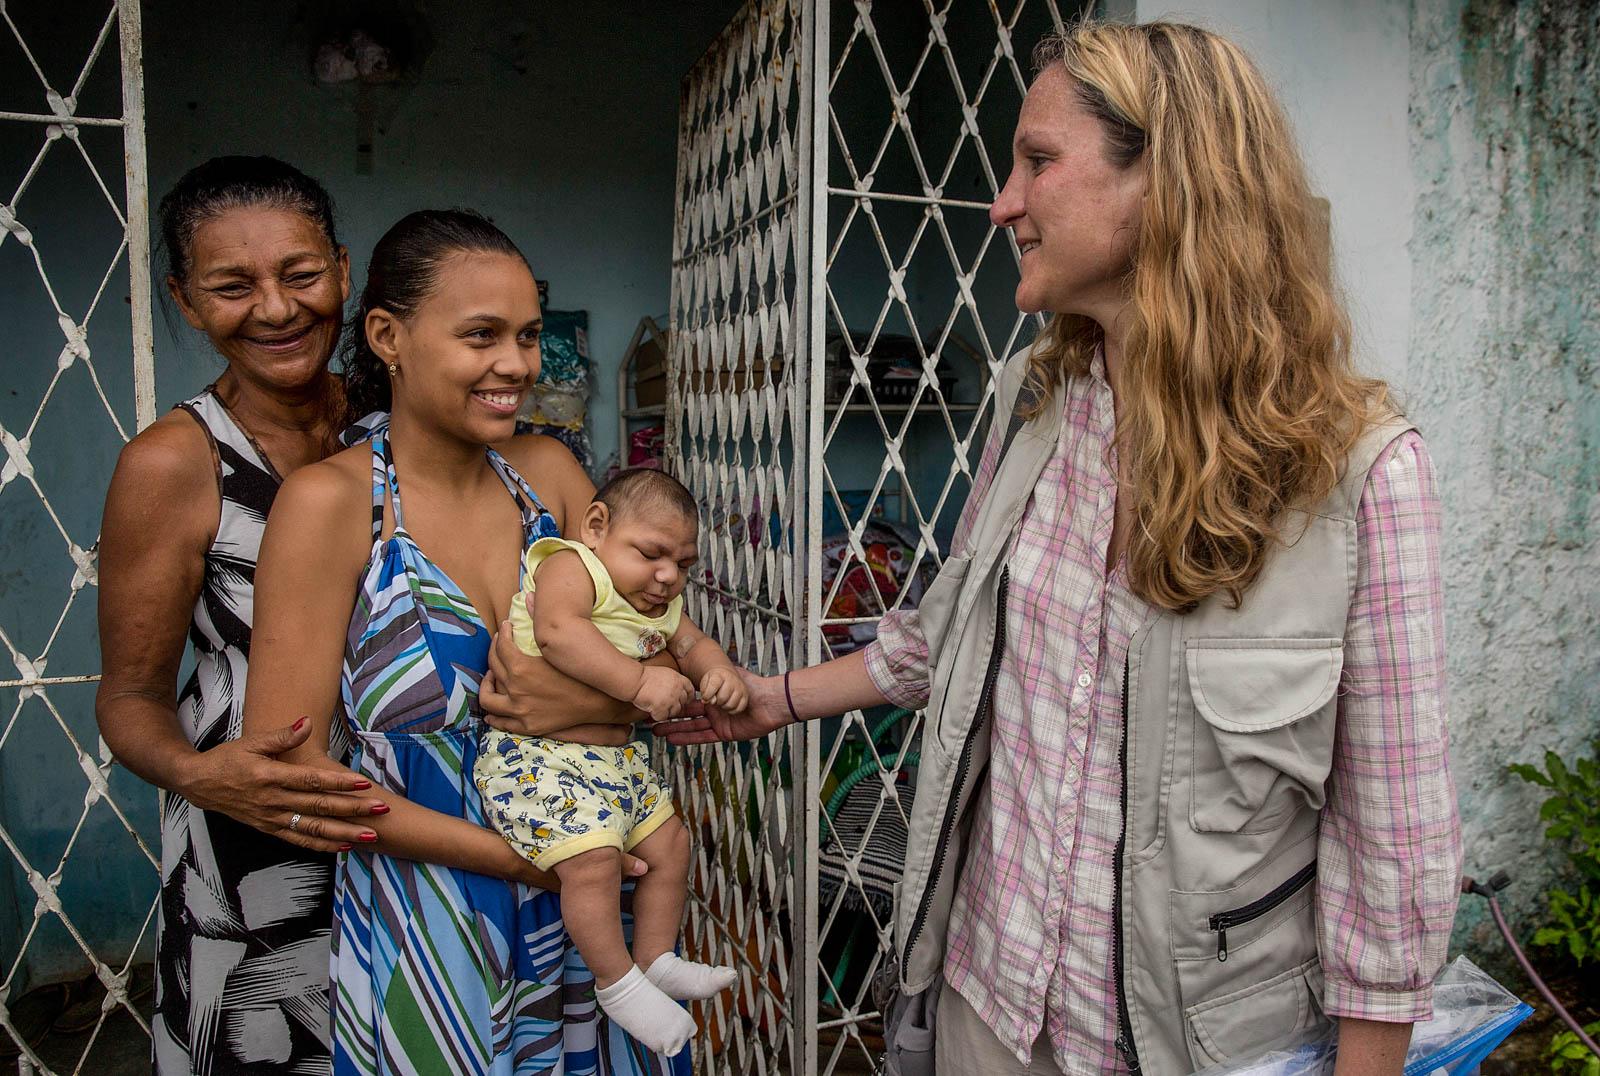 Три женщины беседуют; одна из них держит ребенка (© AP Images)